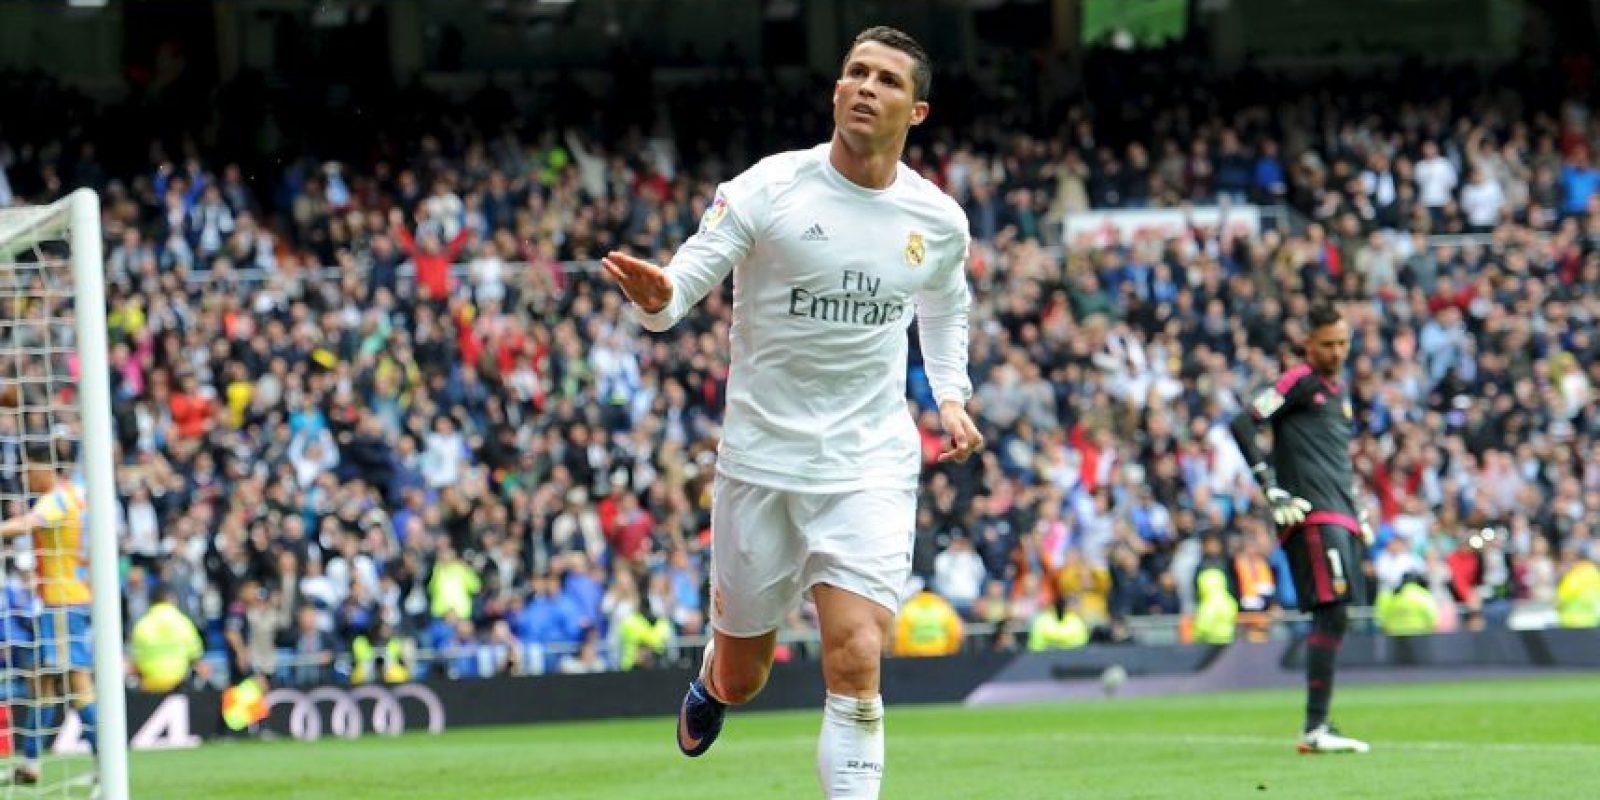 Si logra marcar en la final ante el Atlético de Madrid, se convertiría en el primero en anotar en tres finales del torneo Foto:Getty Images